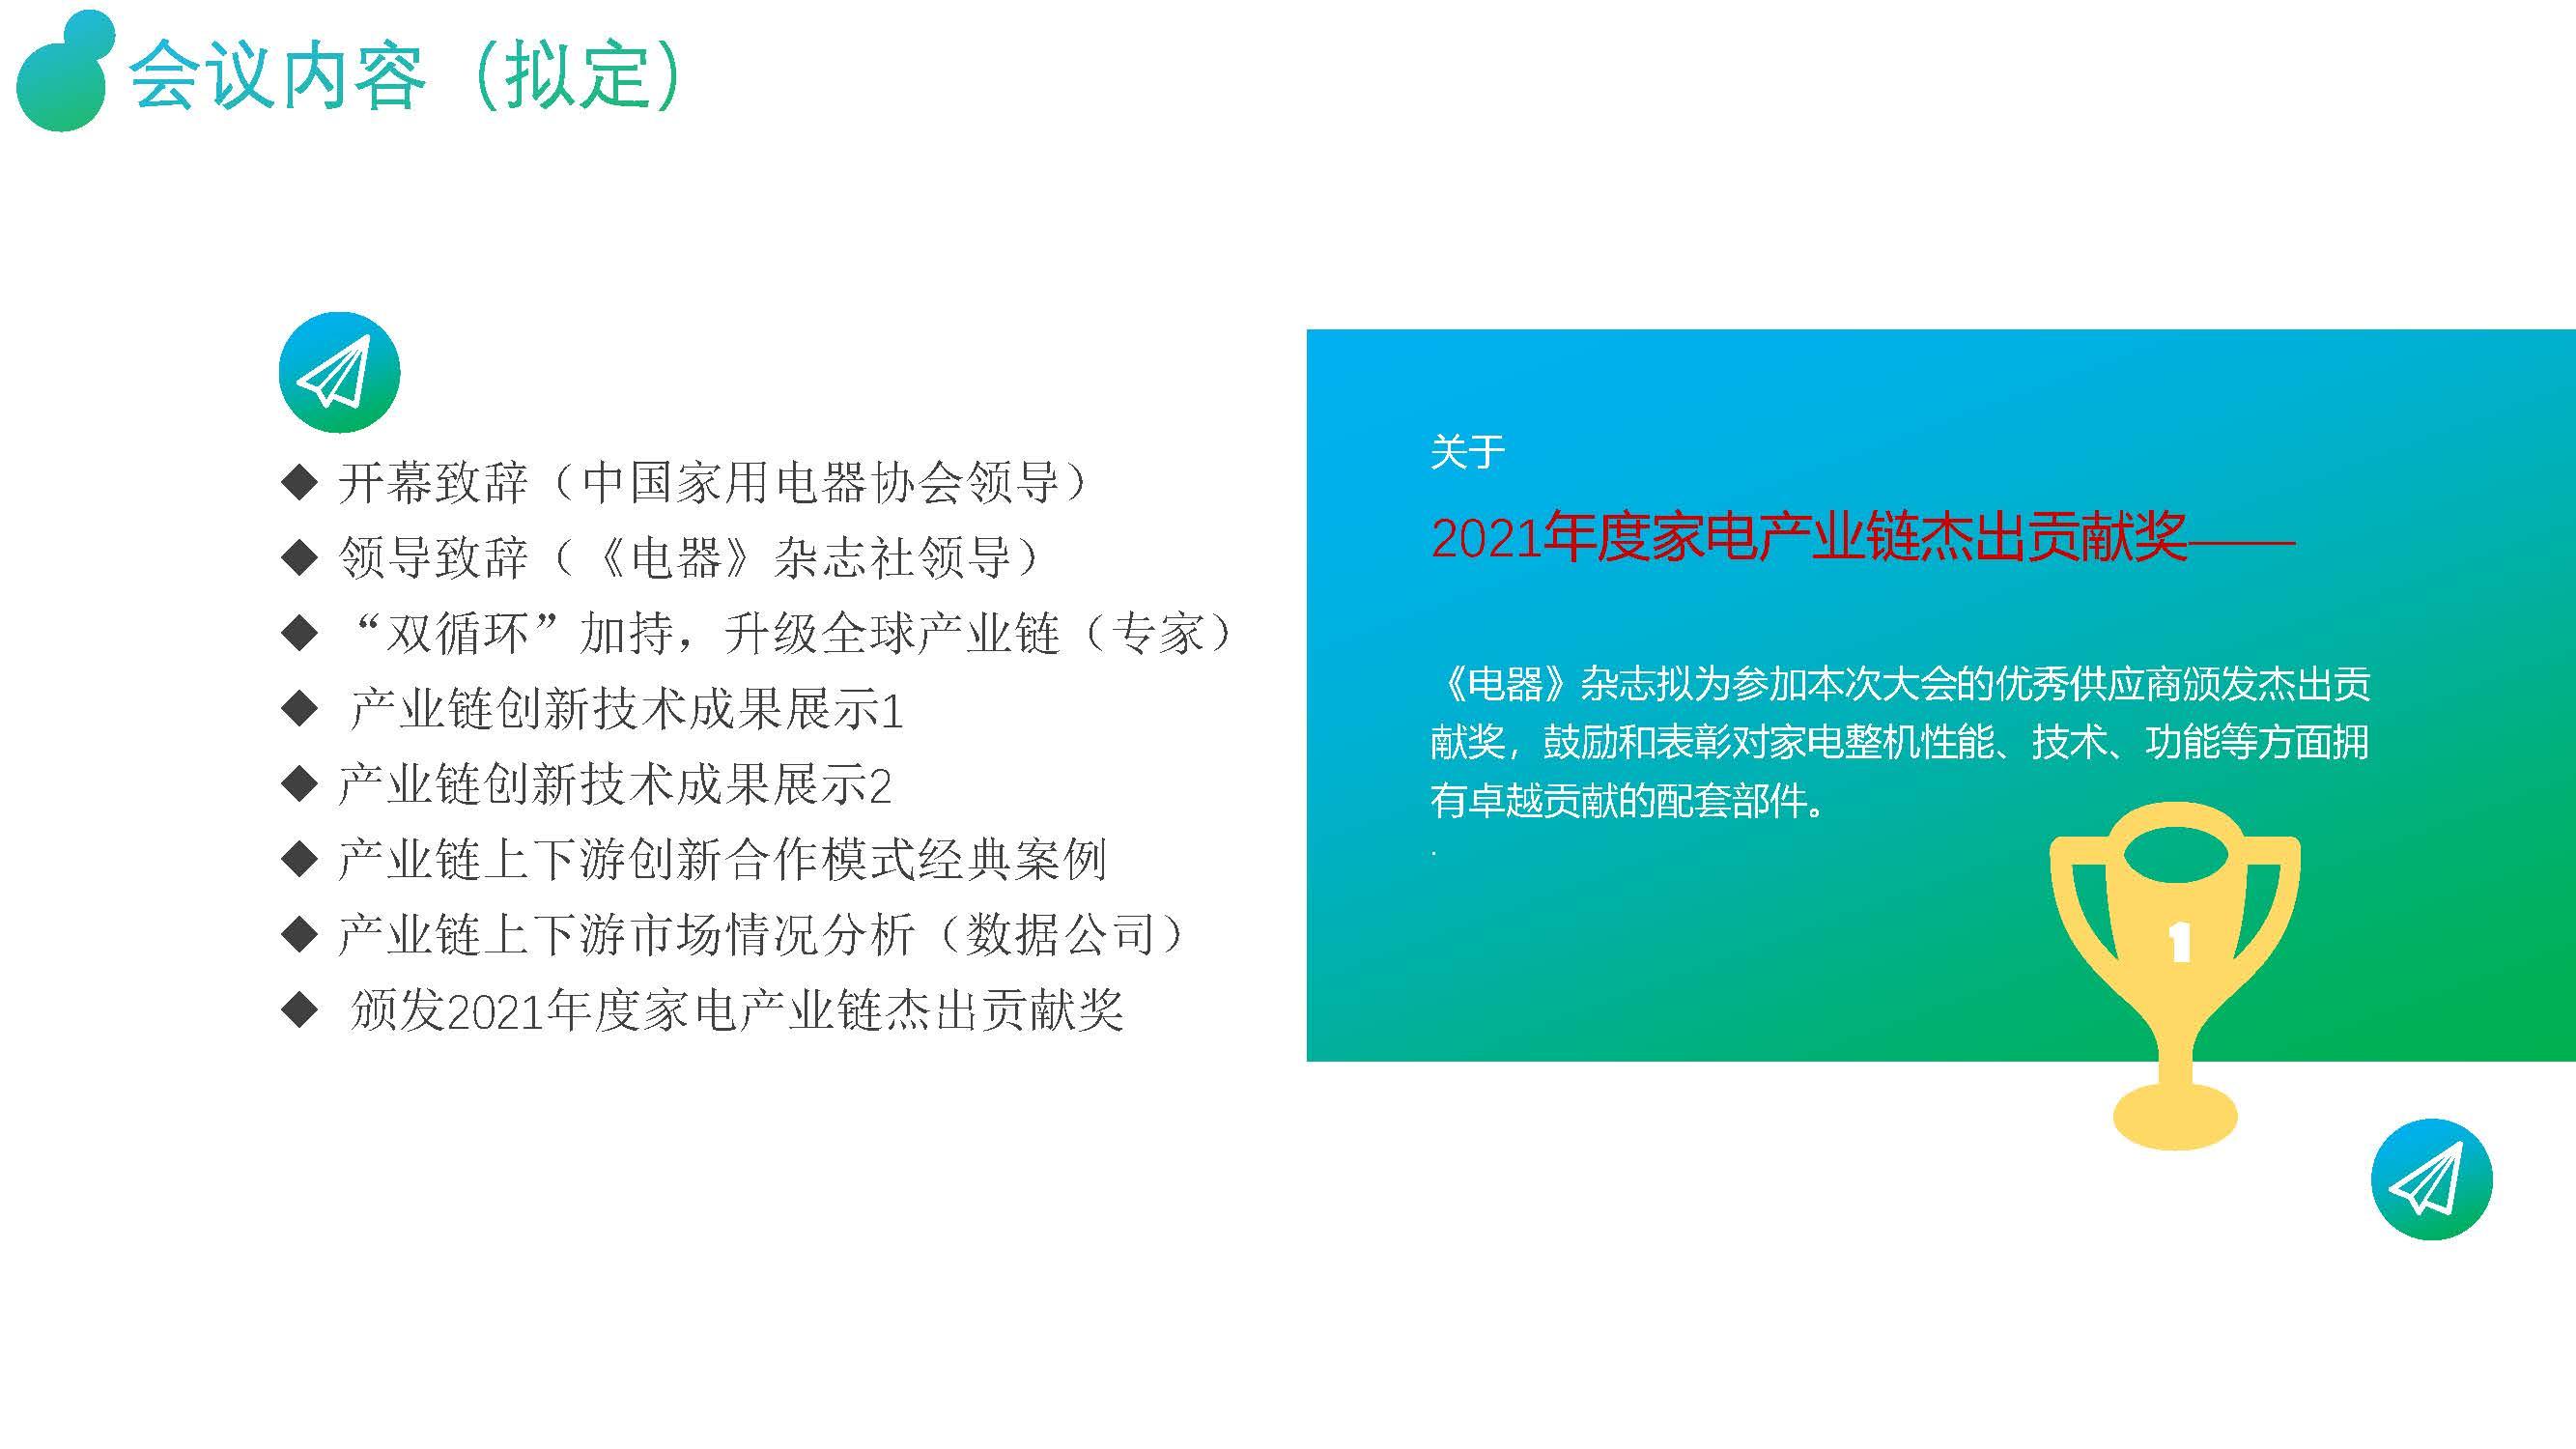 2021产业联大会方案 上交!_页面_08.jpg